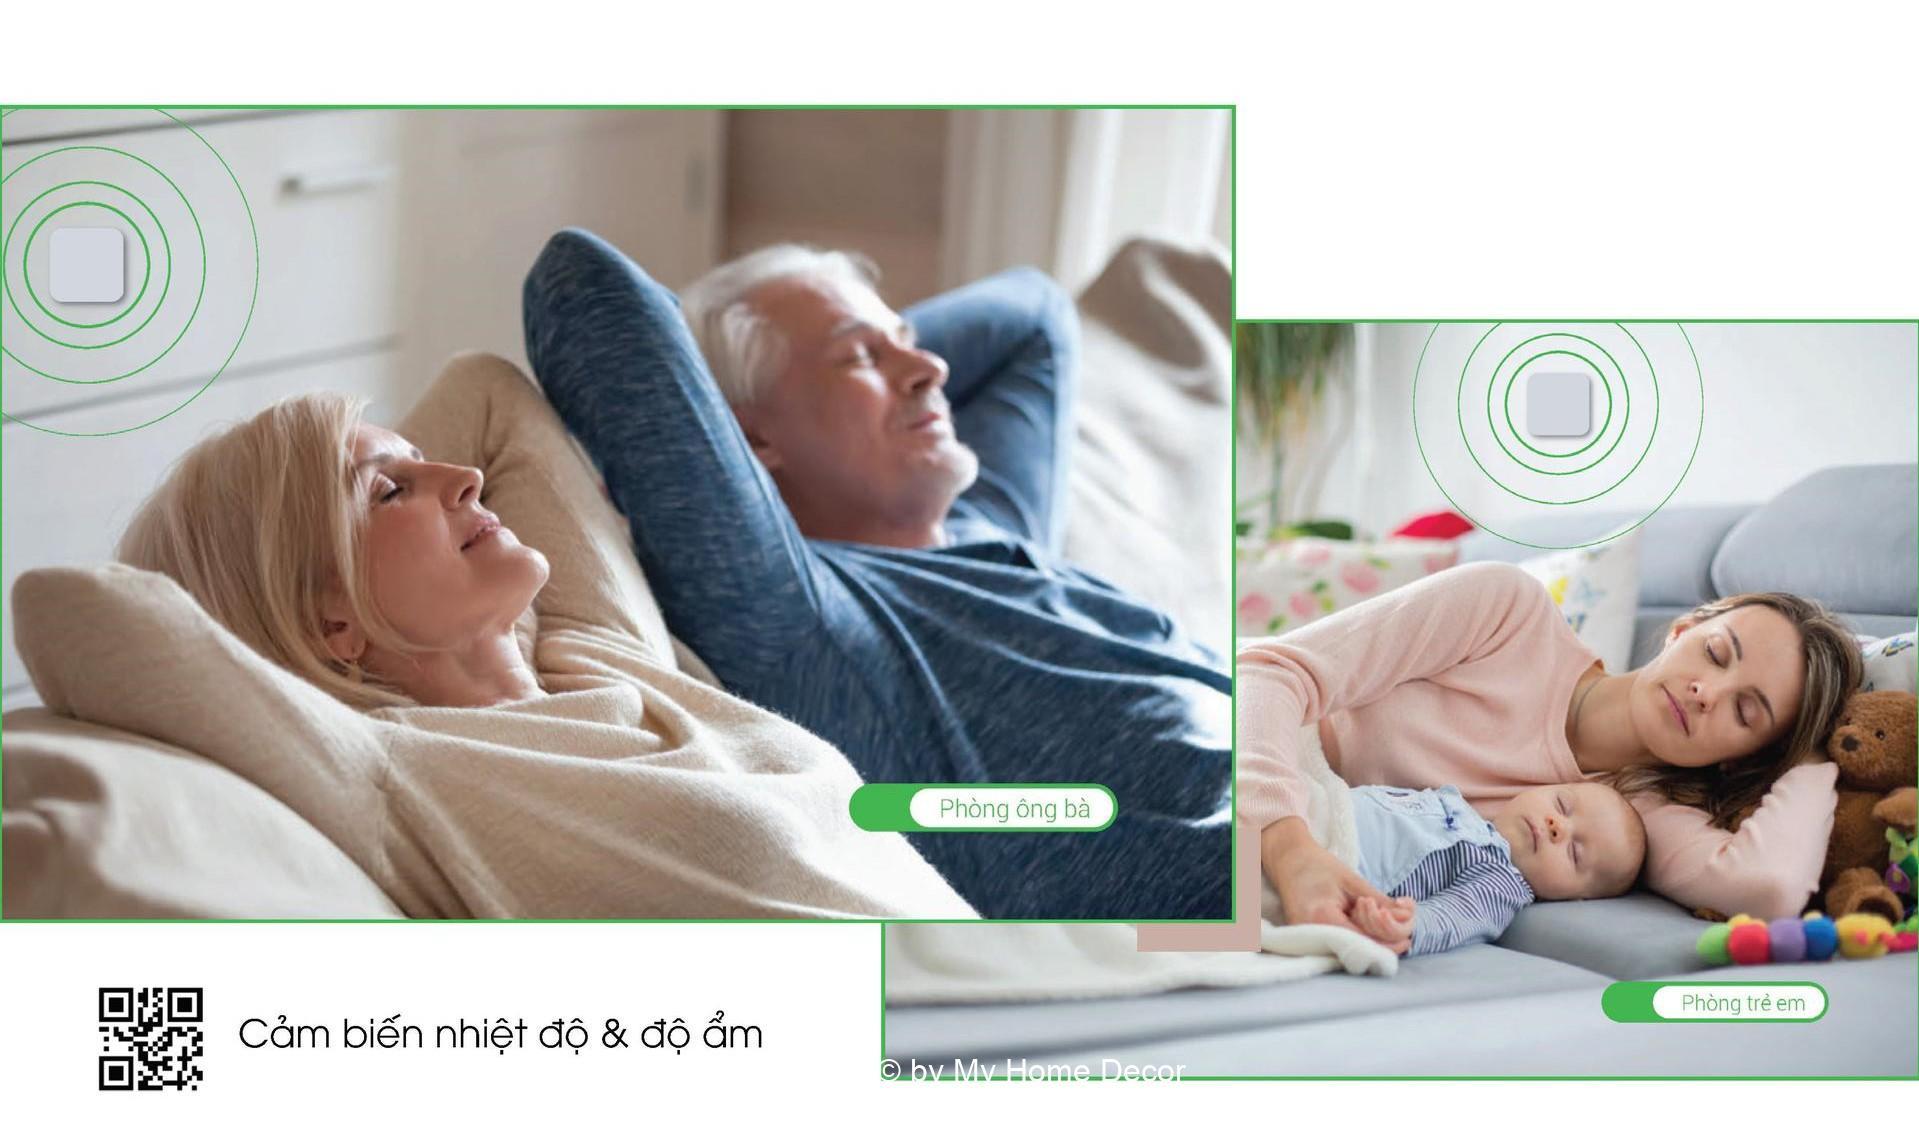 Samrt phone sữ dụng hệ thống điều khiển thông minh giúp bạn an tâm cho việc sử dụng